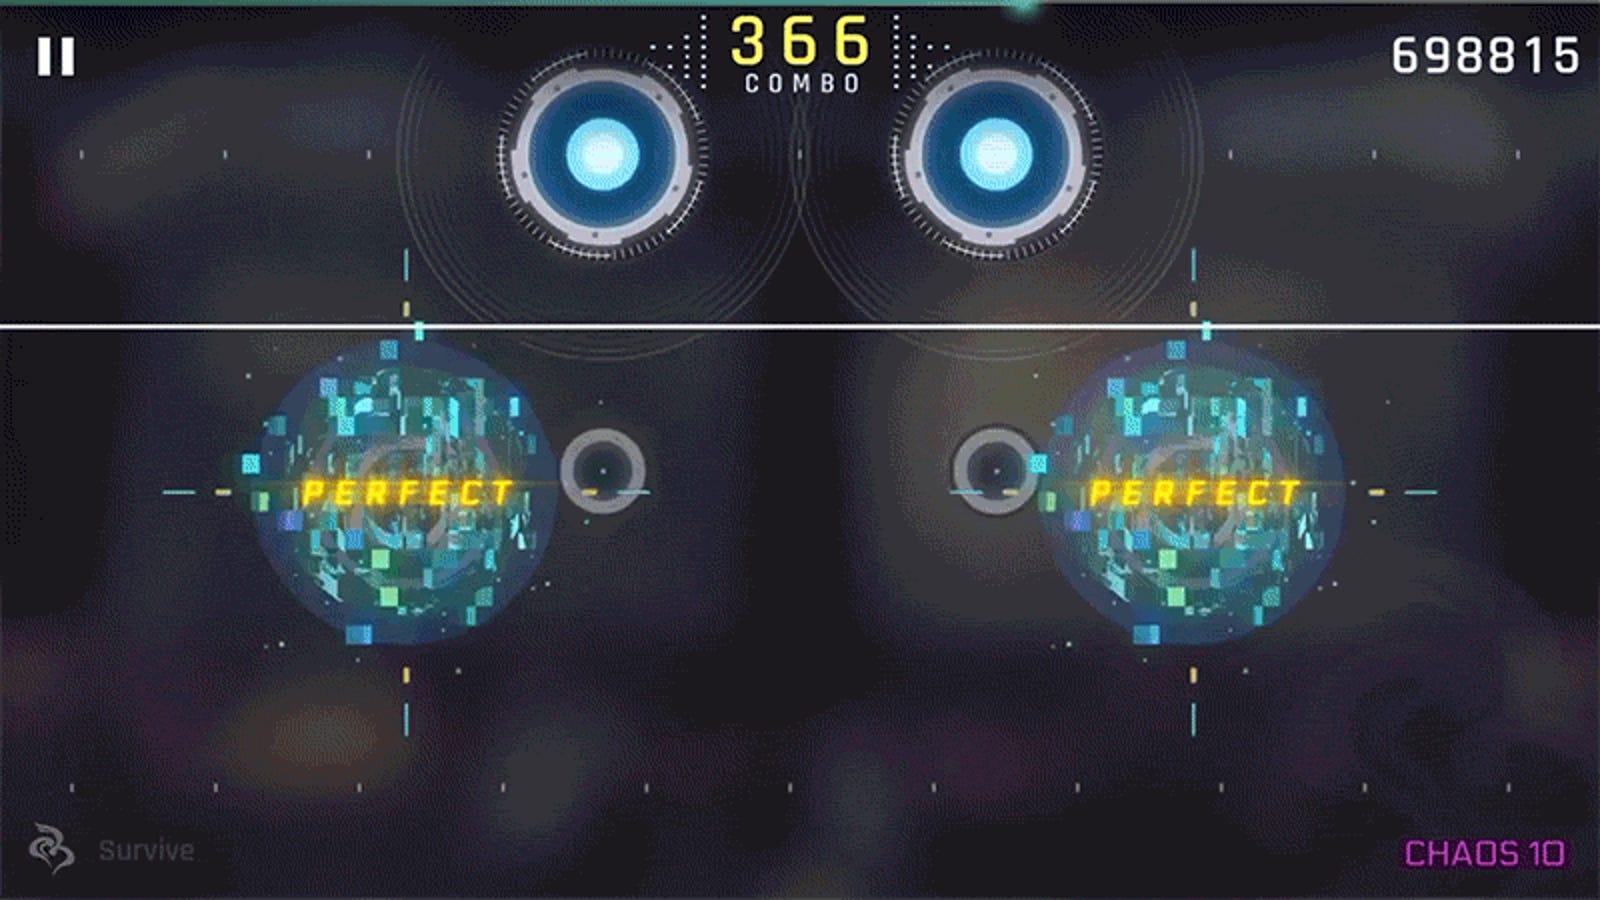 Rhythm Games Don't Get Much Cooler Than Cytus II